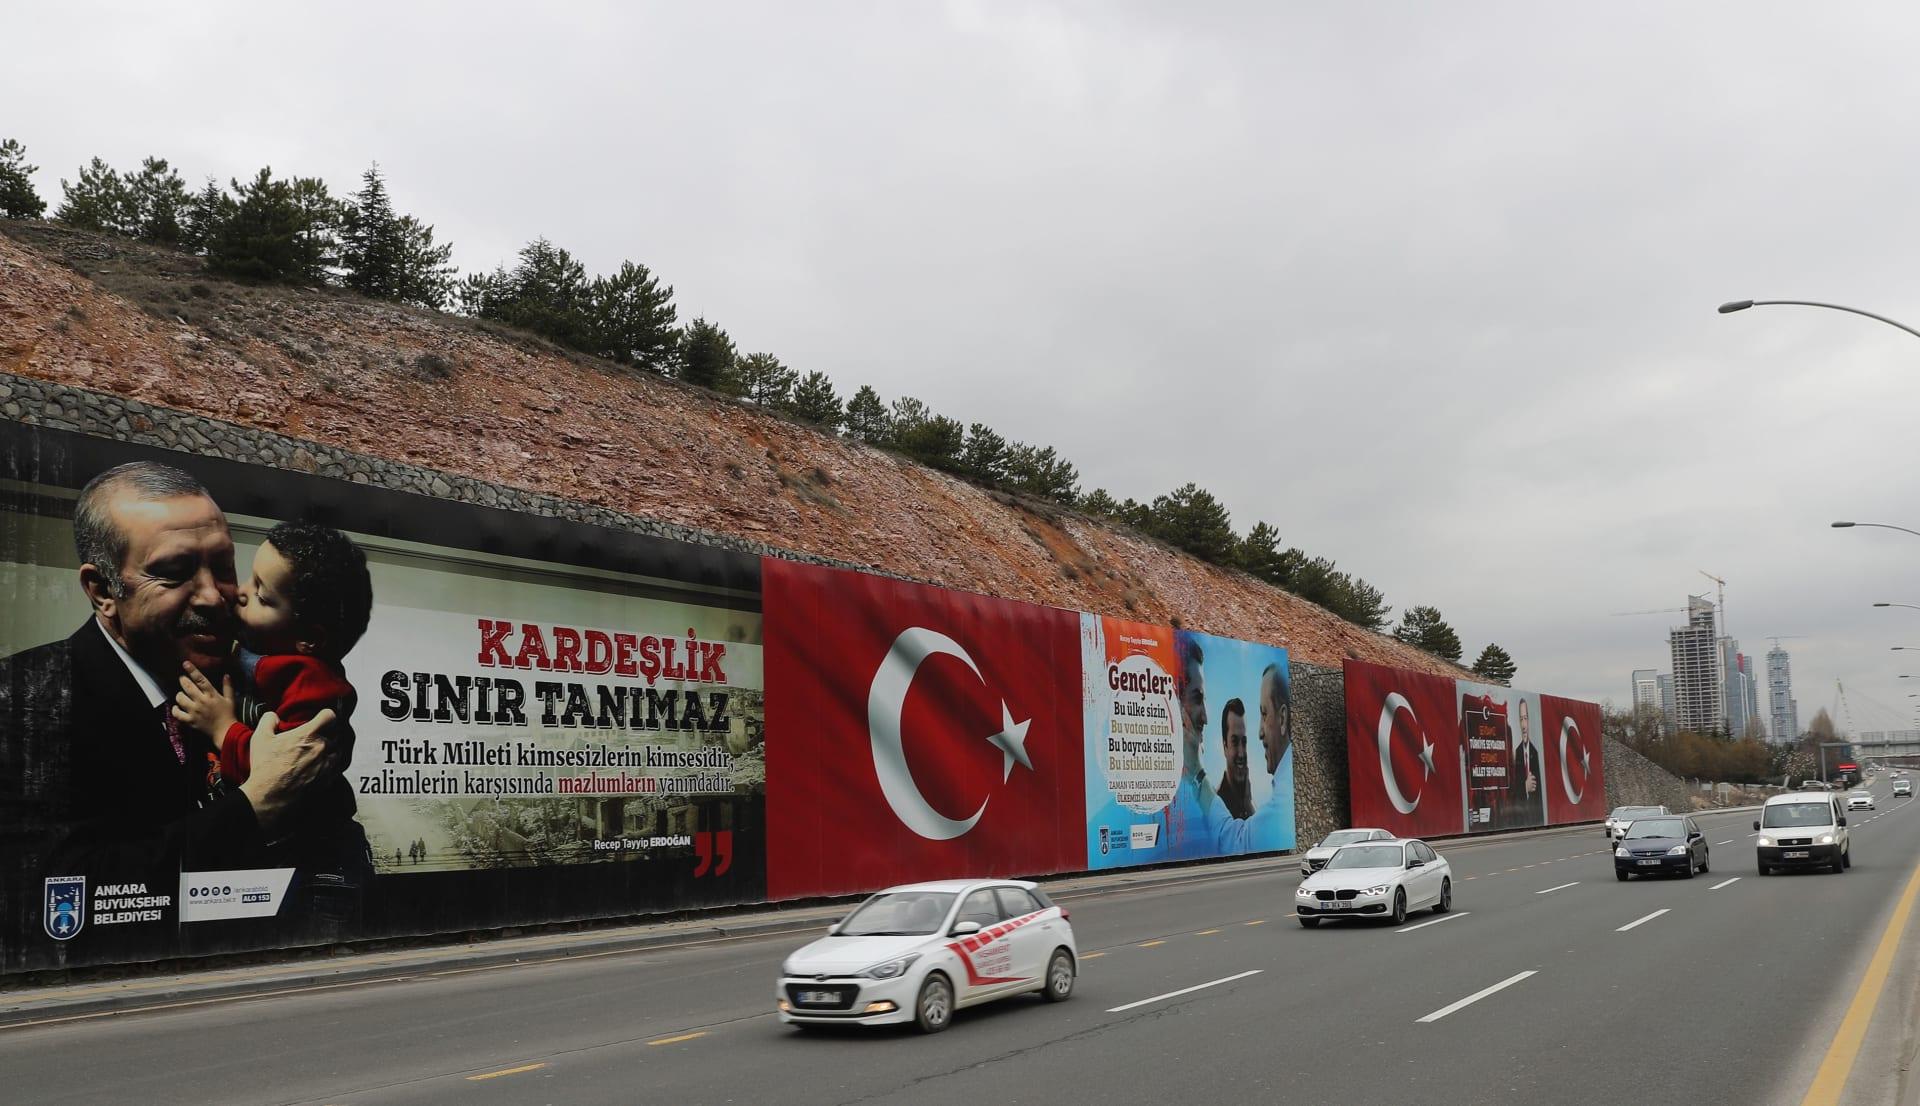 مبيعات السيارات في تركيا تهوي بأكثر من 50% بأول شهرين من 2019